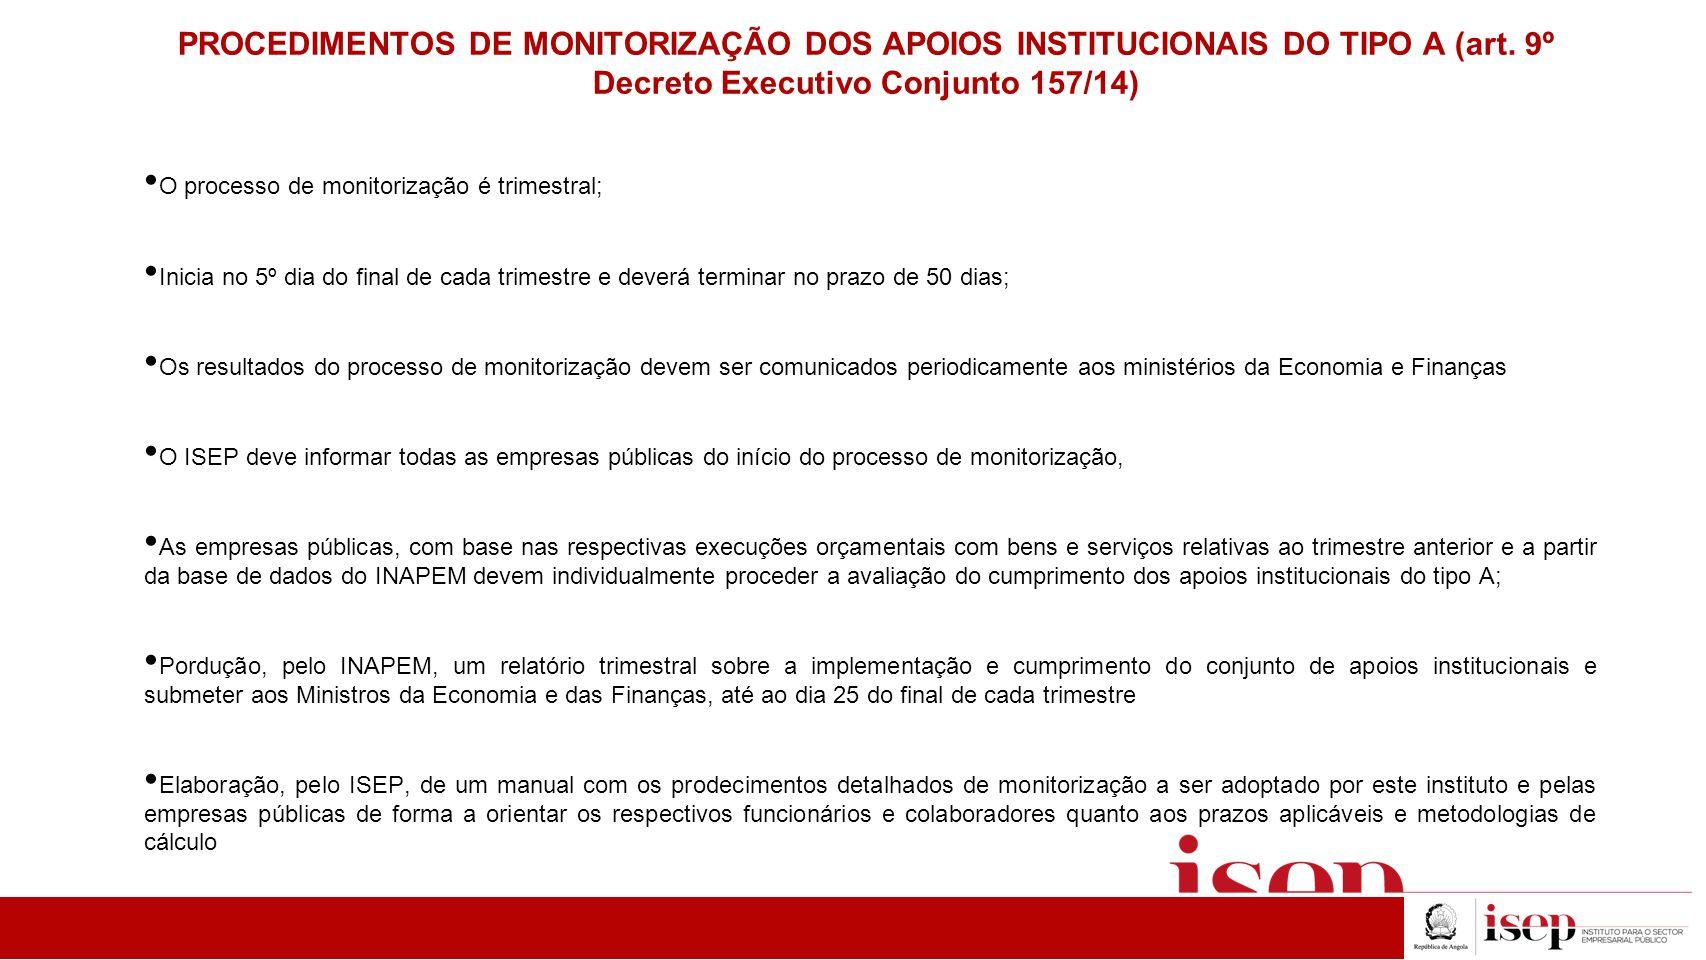 PROCEDIMENTOS DE MONITORIZAÇÃO DOS APOIOS INSTITUCIONAIS DO TIPO A (art. 9º Decreto Executivo Conjunto 157/14)